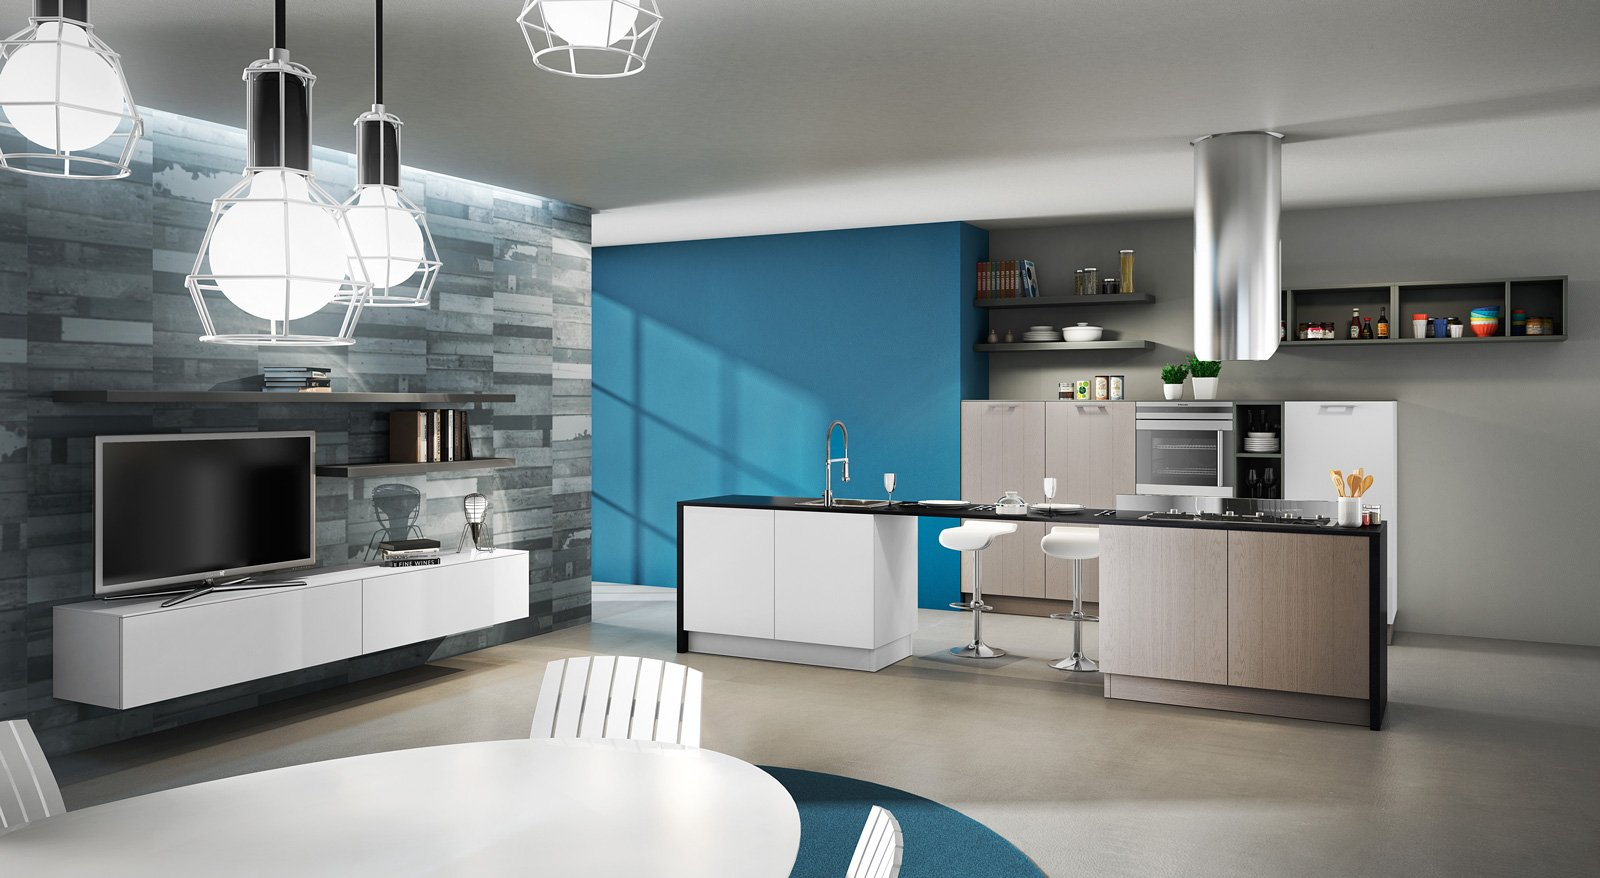 Cucine piccole : cucine soggiorno piccole. cucine piccole per ...